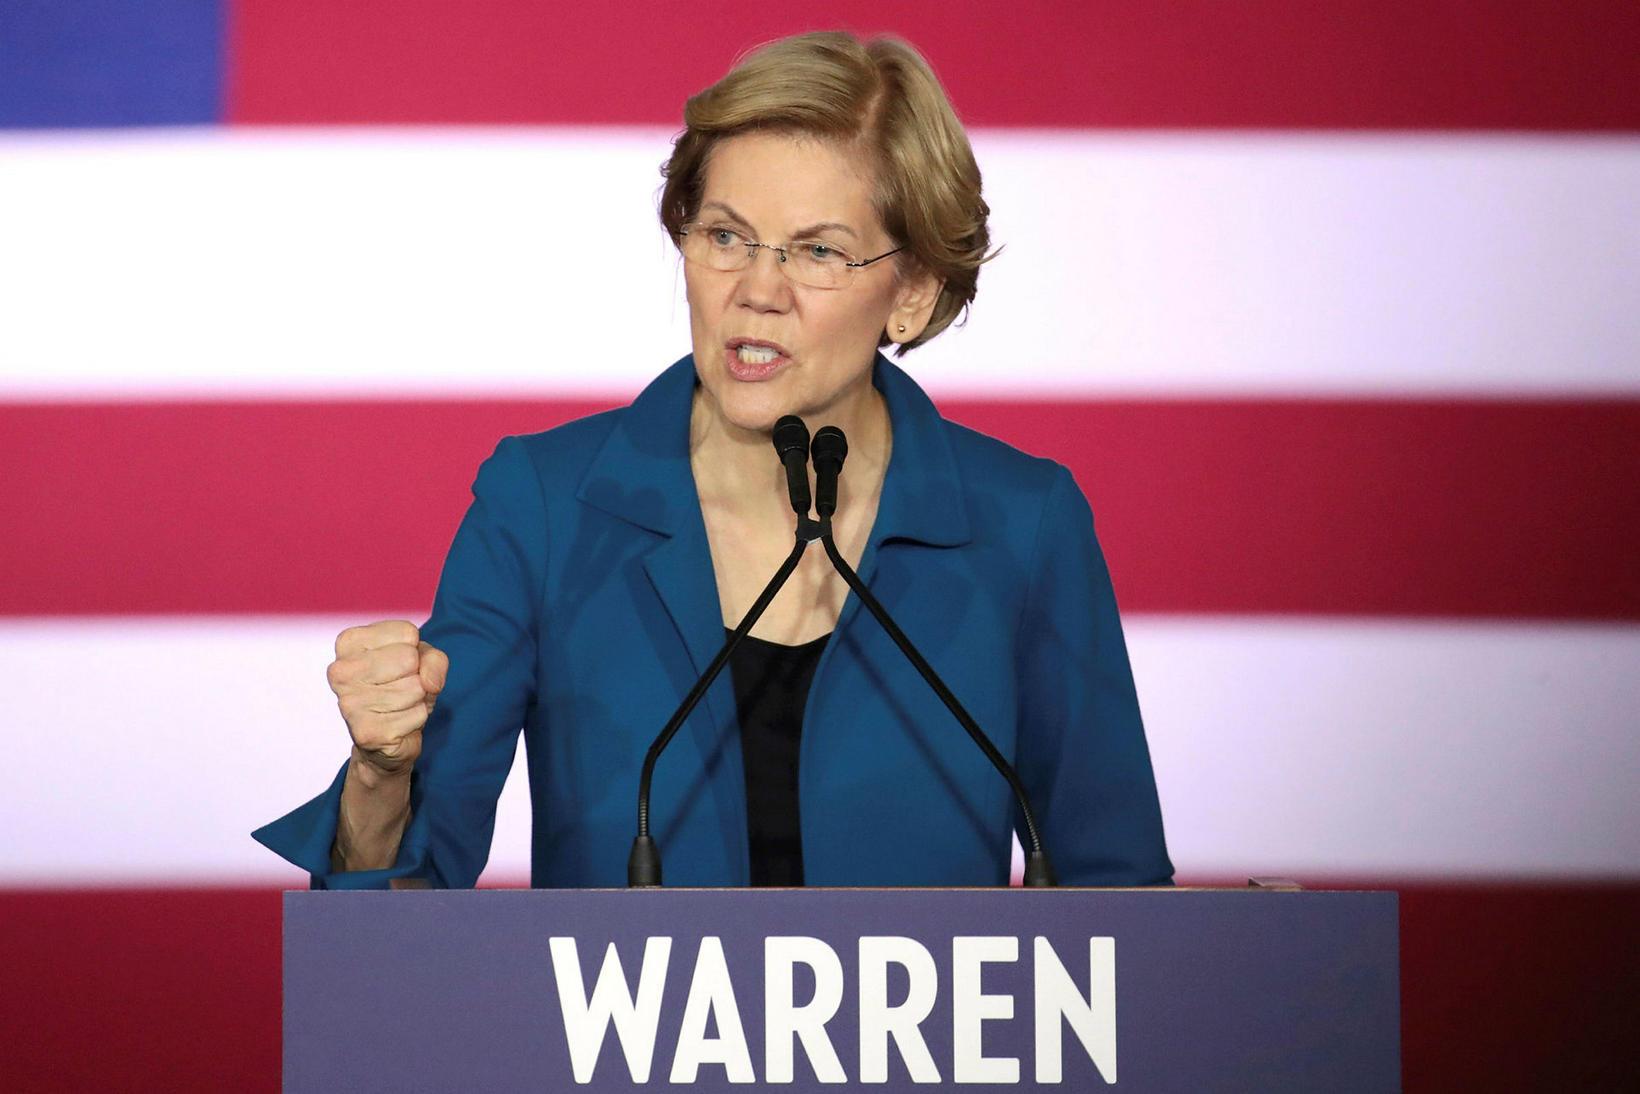 Við sigrum saman, sagði Warren.